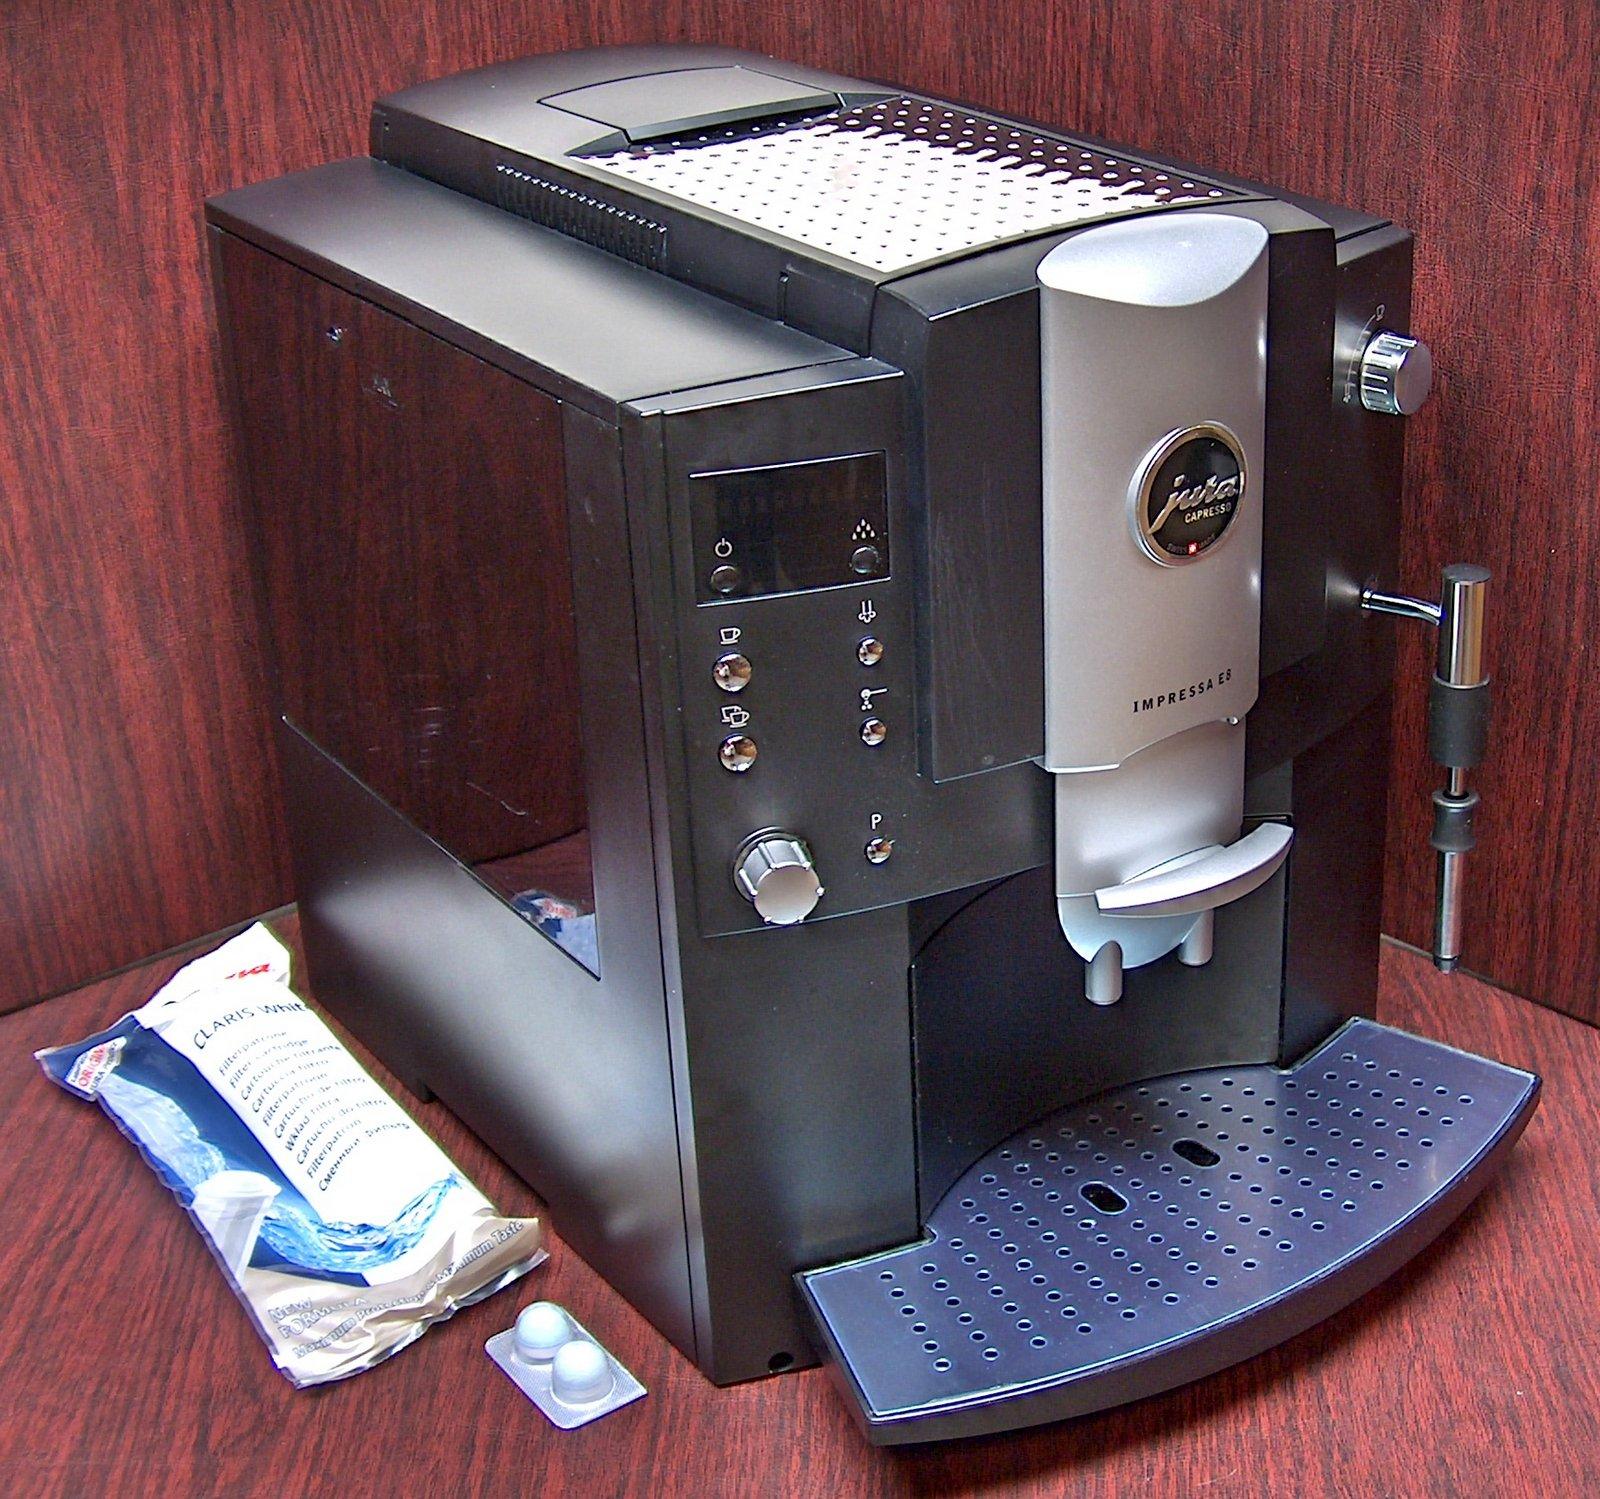 Jura Impressa E8 Super Automatic Espresso Machine